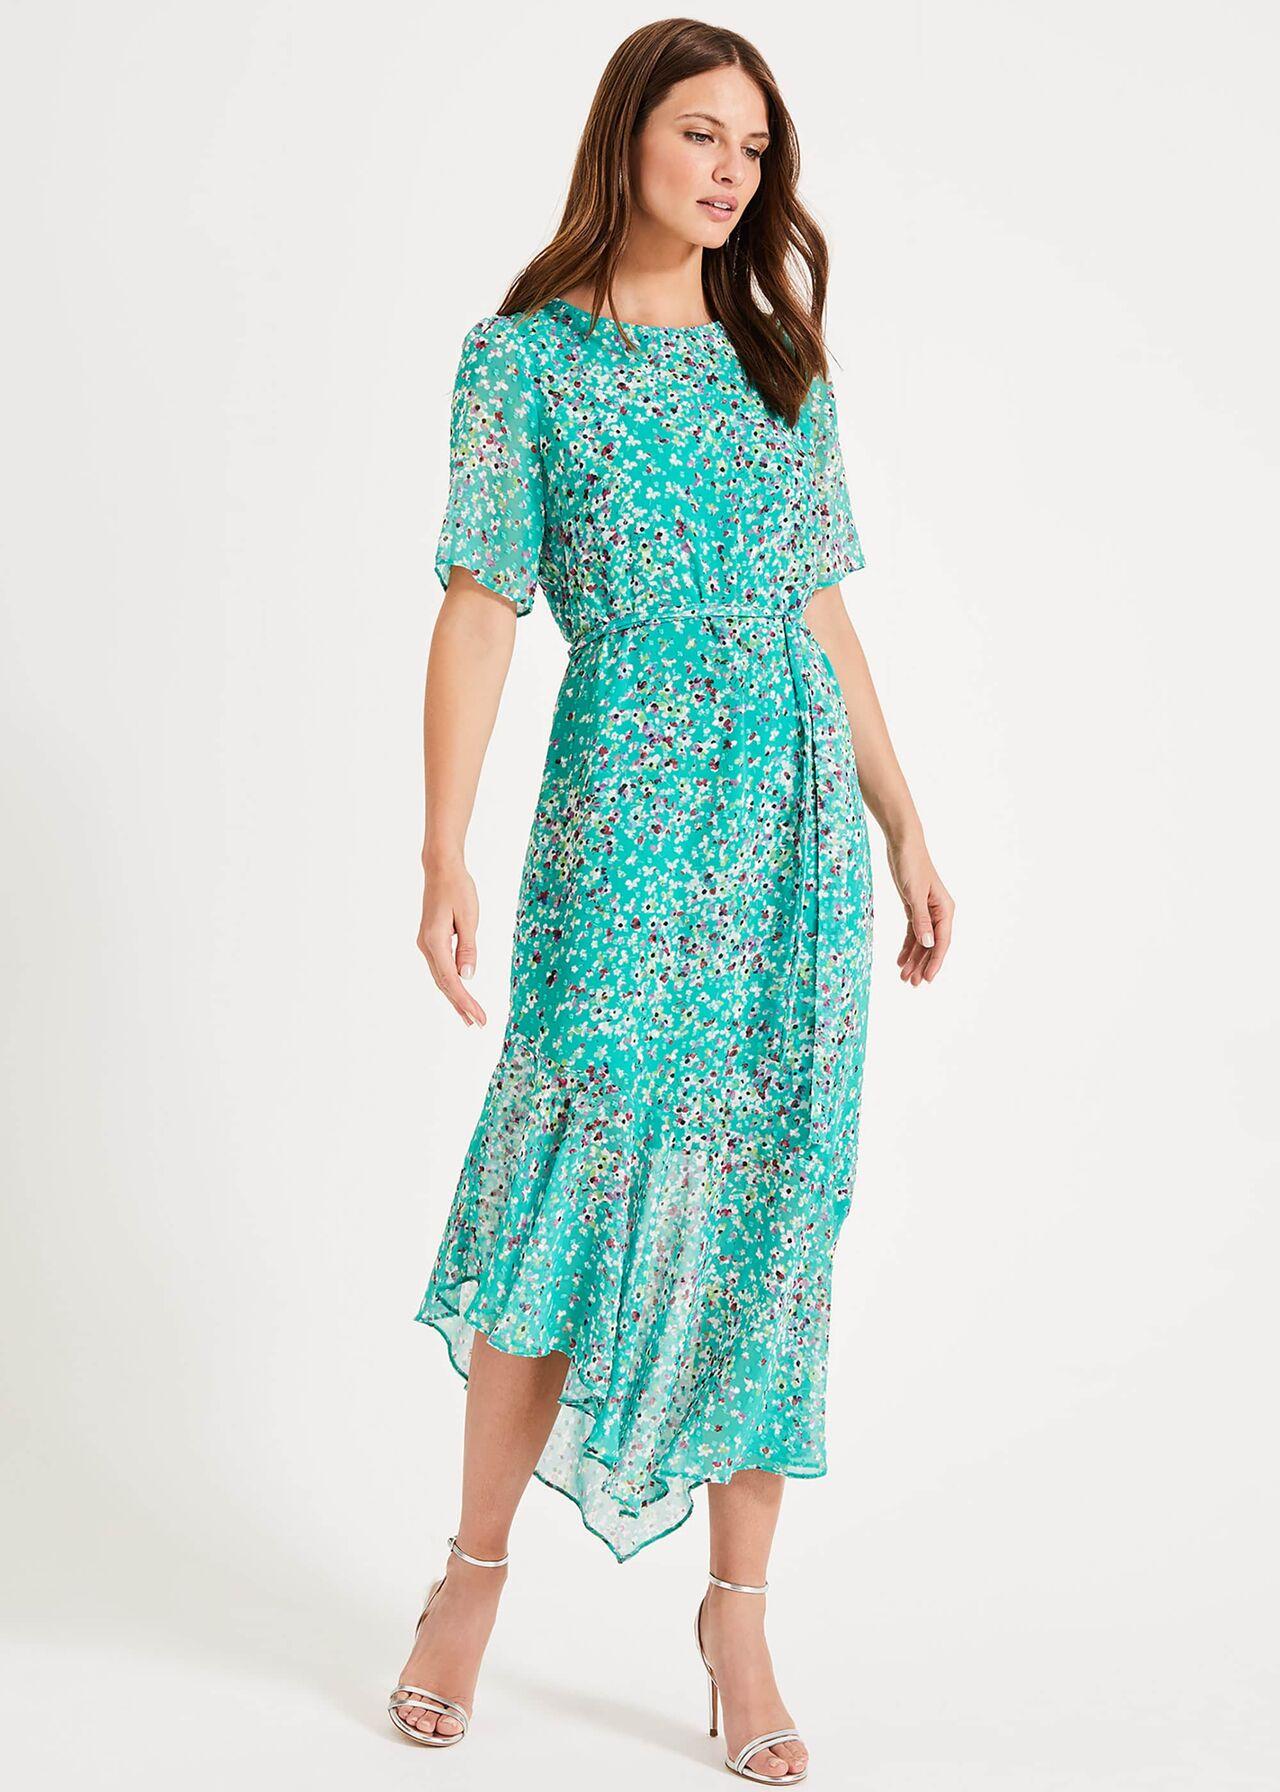 Klara Printed Dress £130